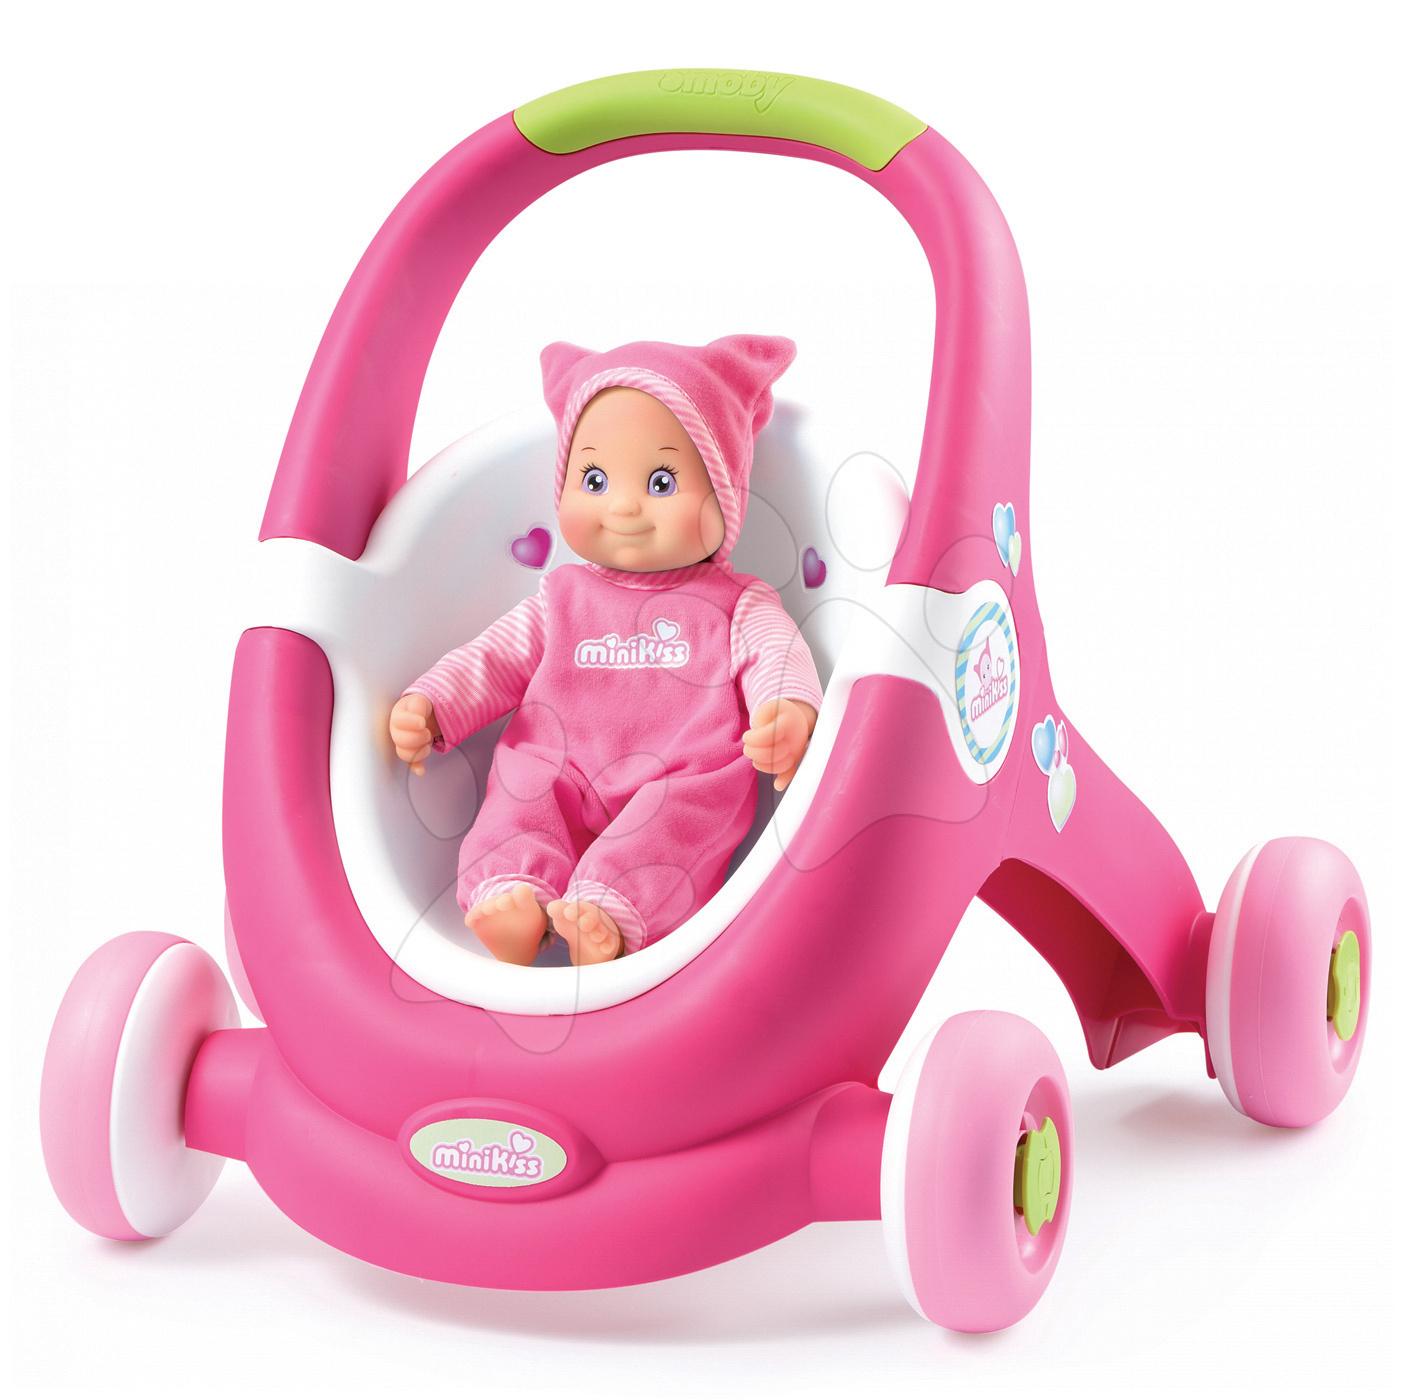 Detské chodítka - Chodítko a kočiarik pre bábiku 2v1 MiniKiss Smoby s brzdou od 12 mes